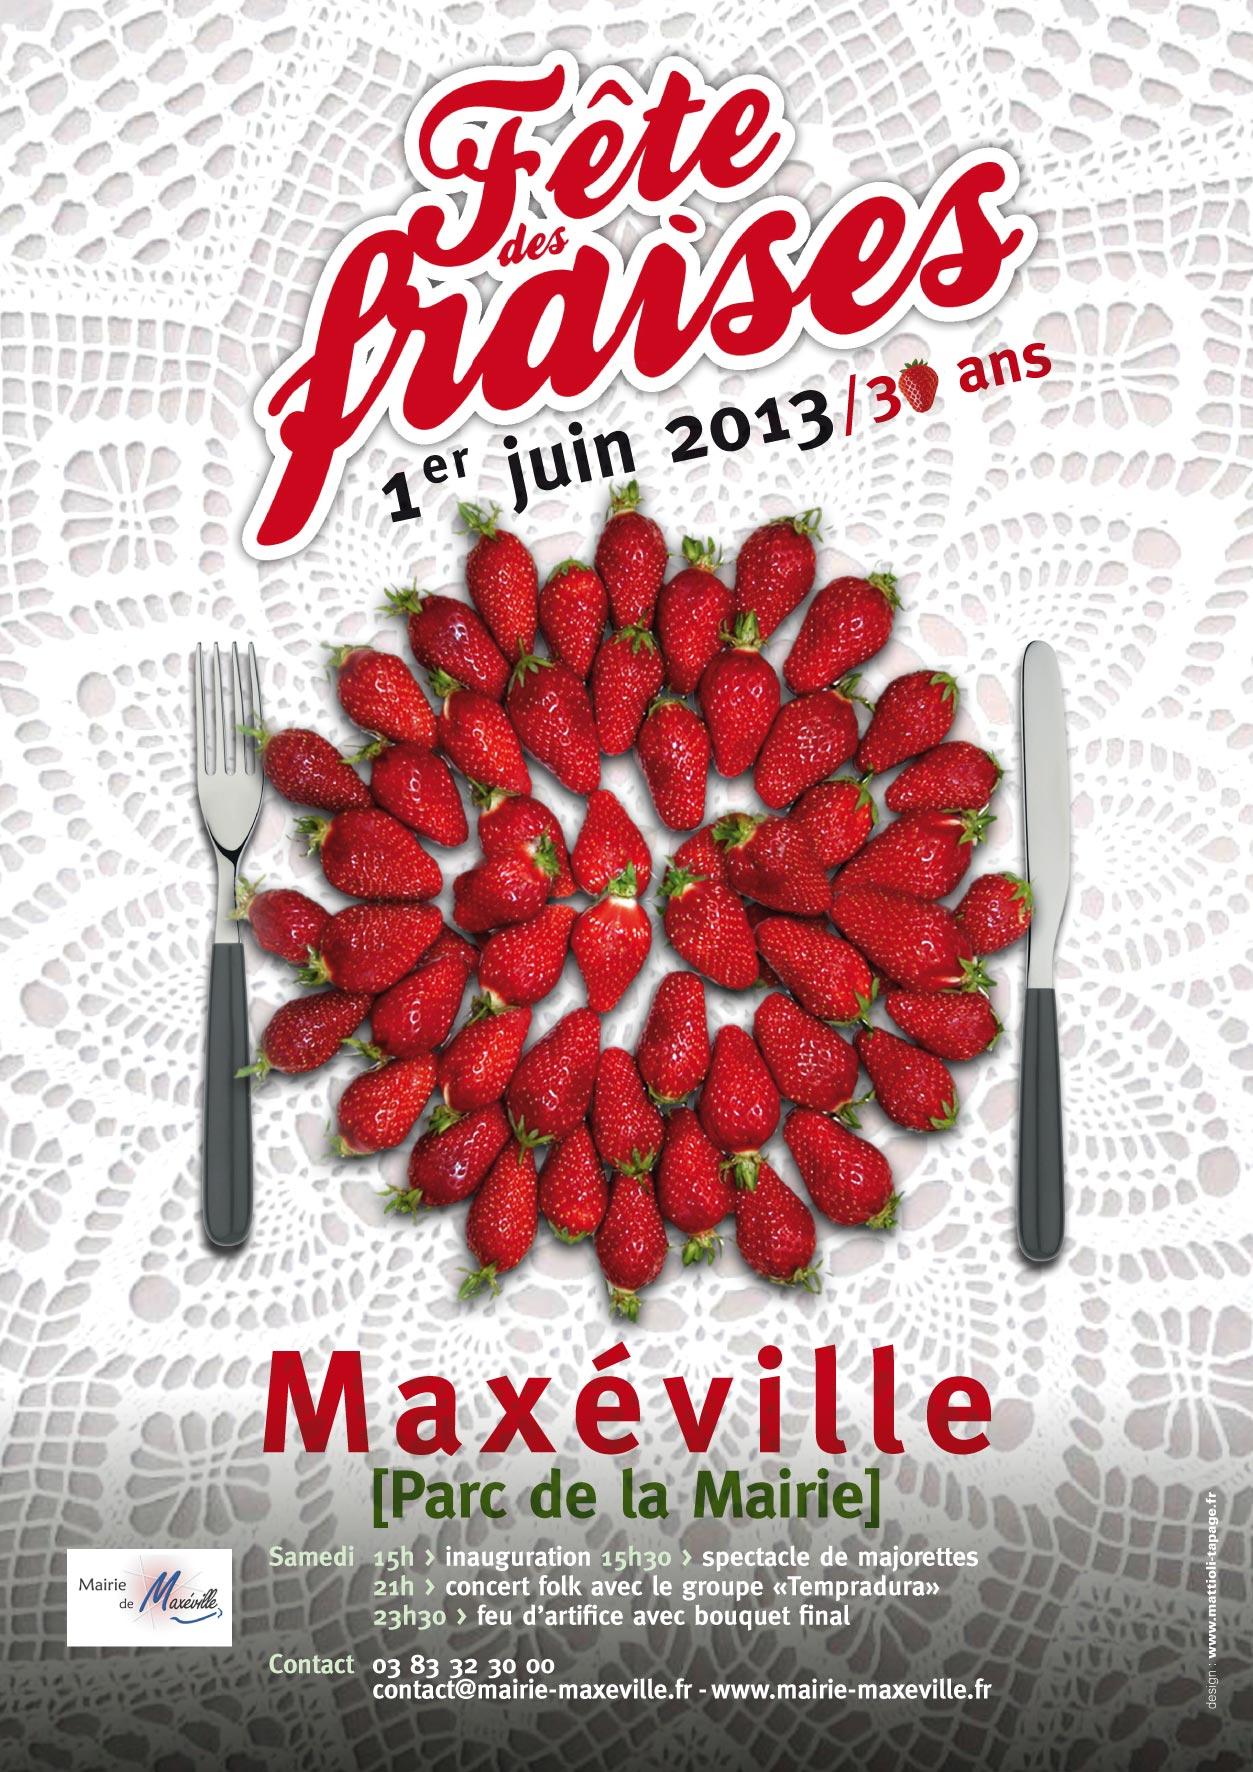 maquettes-fête-des-fraises-1.jpg